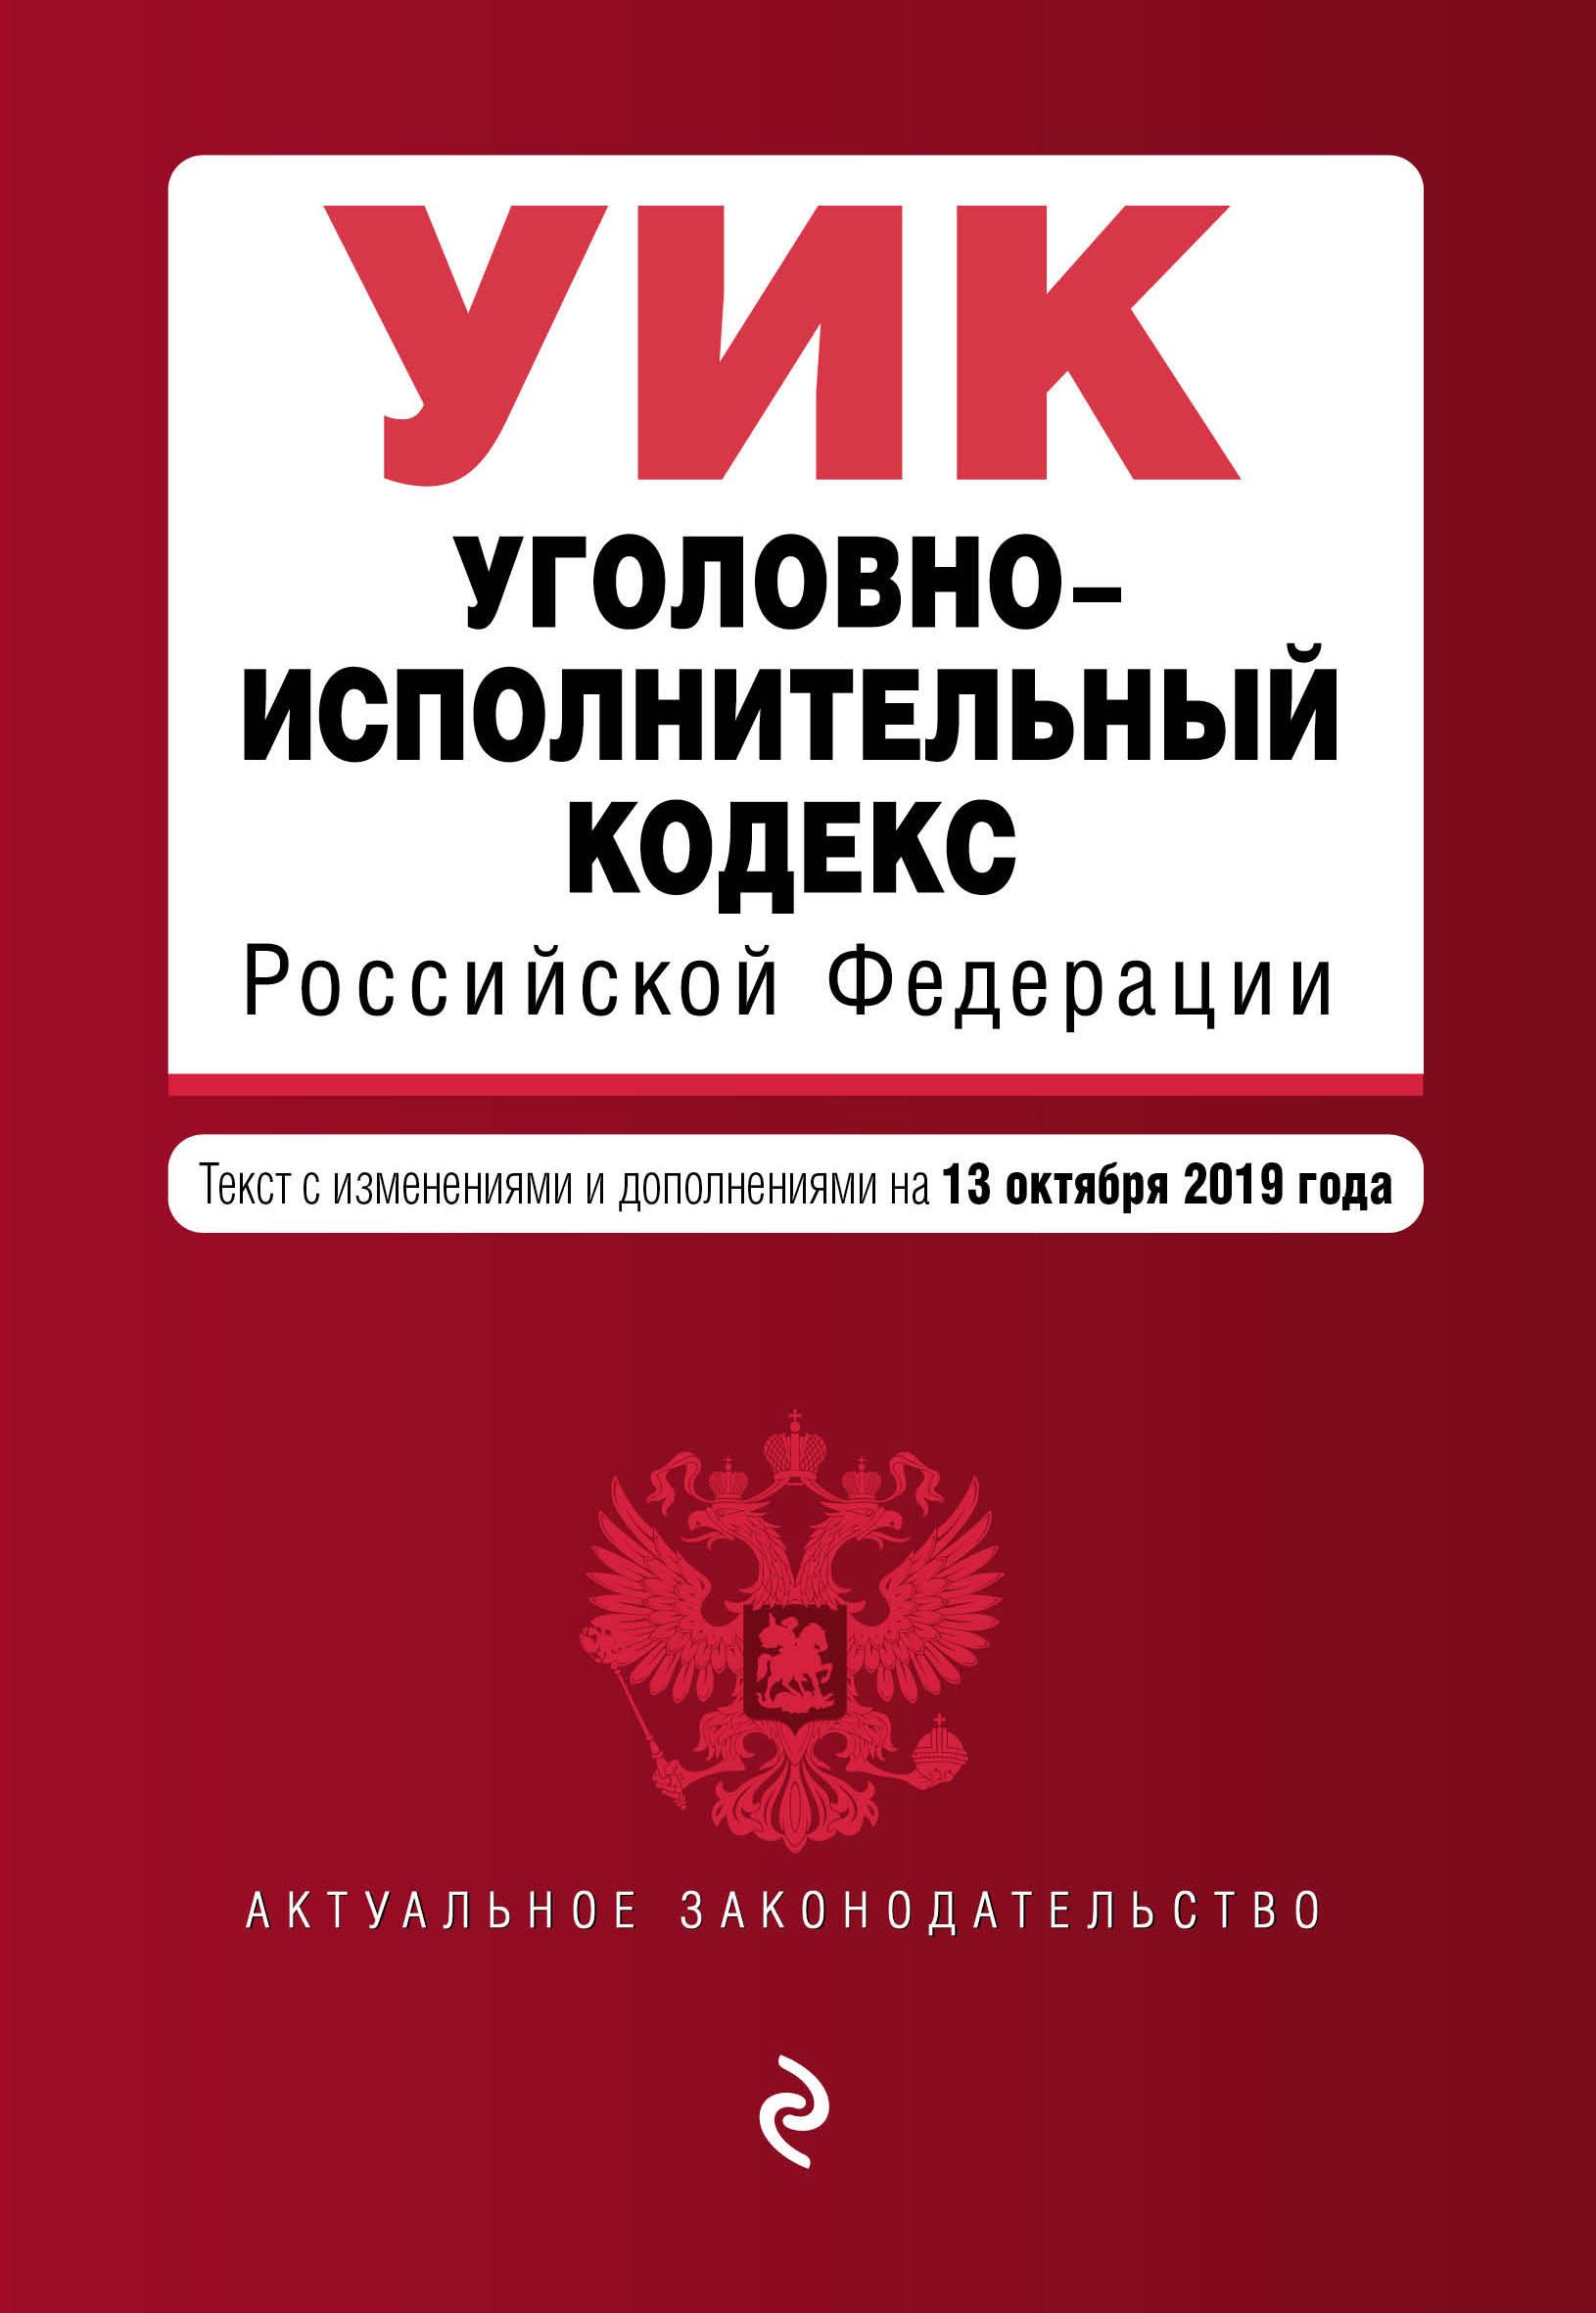 Ugolovno-ispolnitelnyj kodeks Rossijskoj Federatsii. Tekst s izm. i dop. na 13 oktjabrja 2019 goda